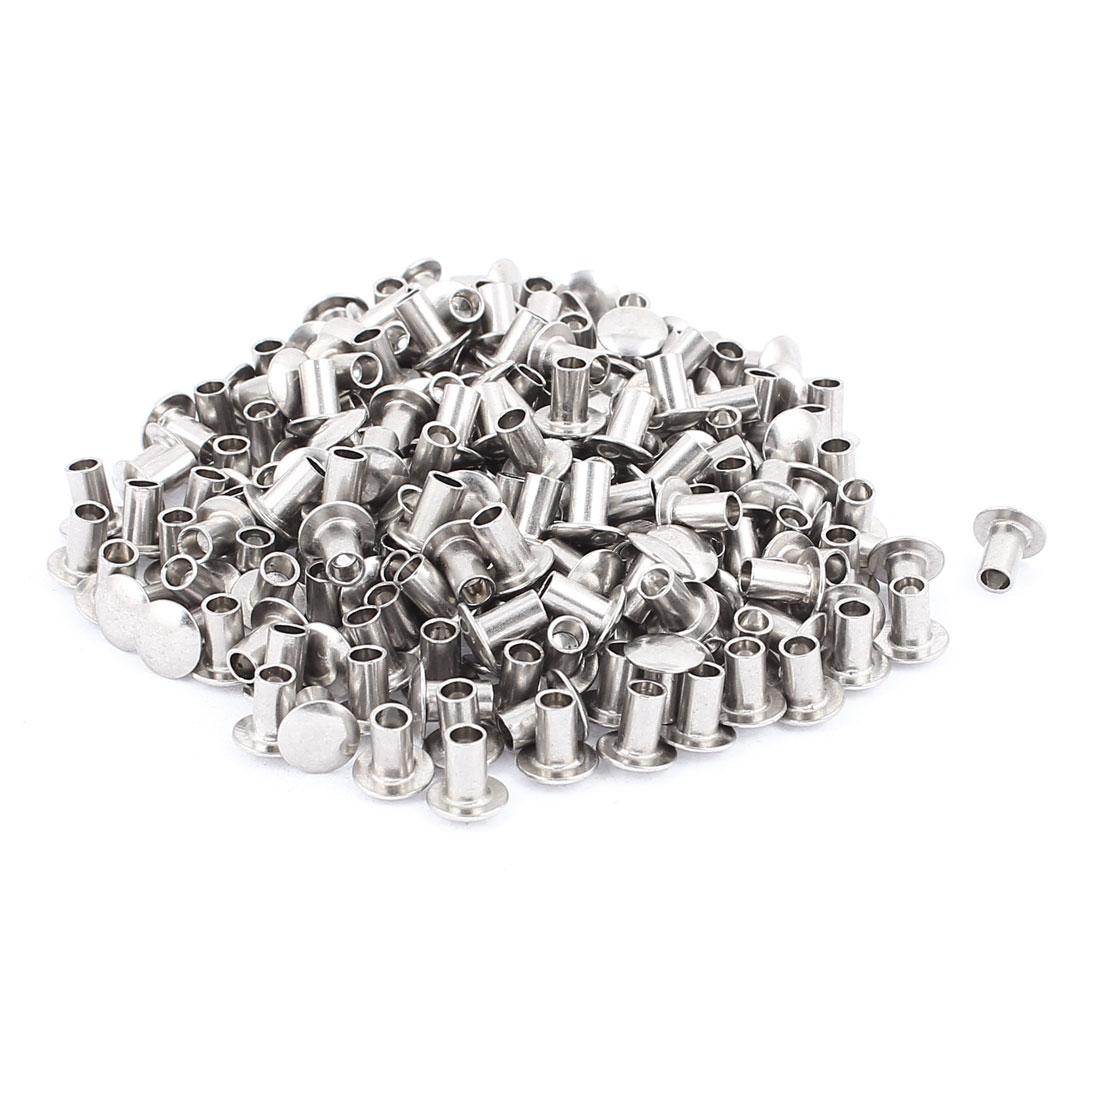 """200 Pcs 13/64"""" x 5/16"""" Nickel Plated Oval Head Semi-Tubular Rivets Silver Tone"""